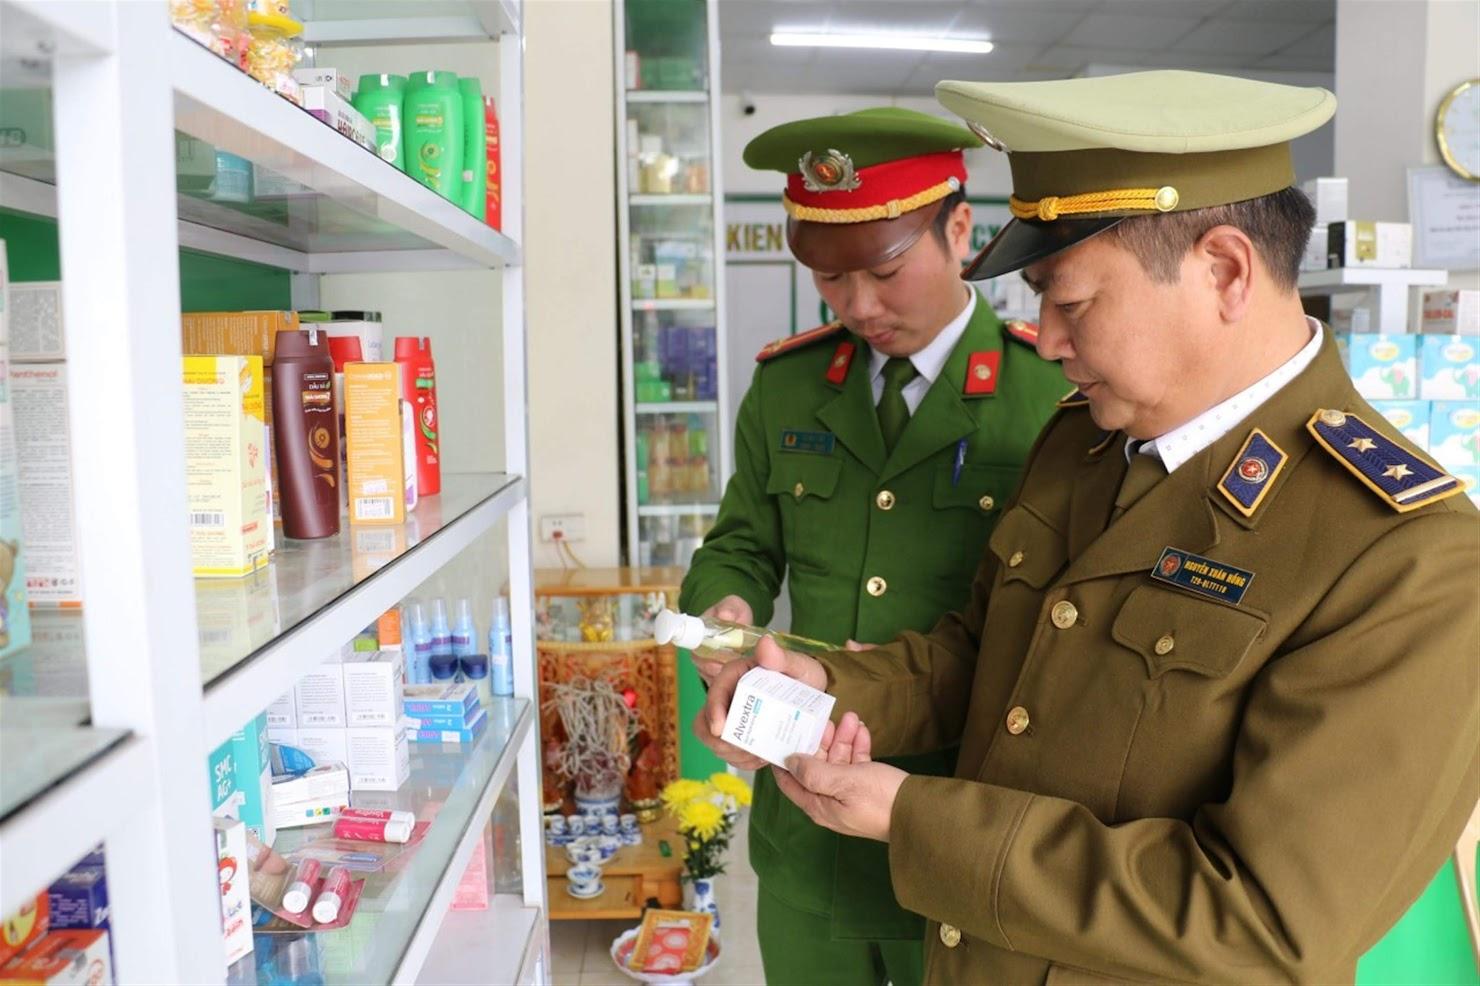 Lực lượng chức năng kiểm tra các cơ sở sản xuất, kinh doanh thuốc, vật tư y tế trên địa bàn TP Vinh